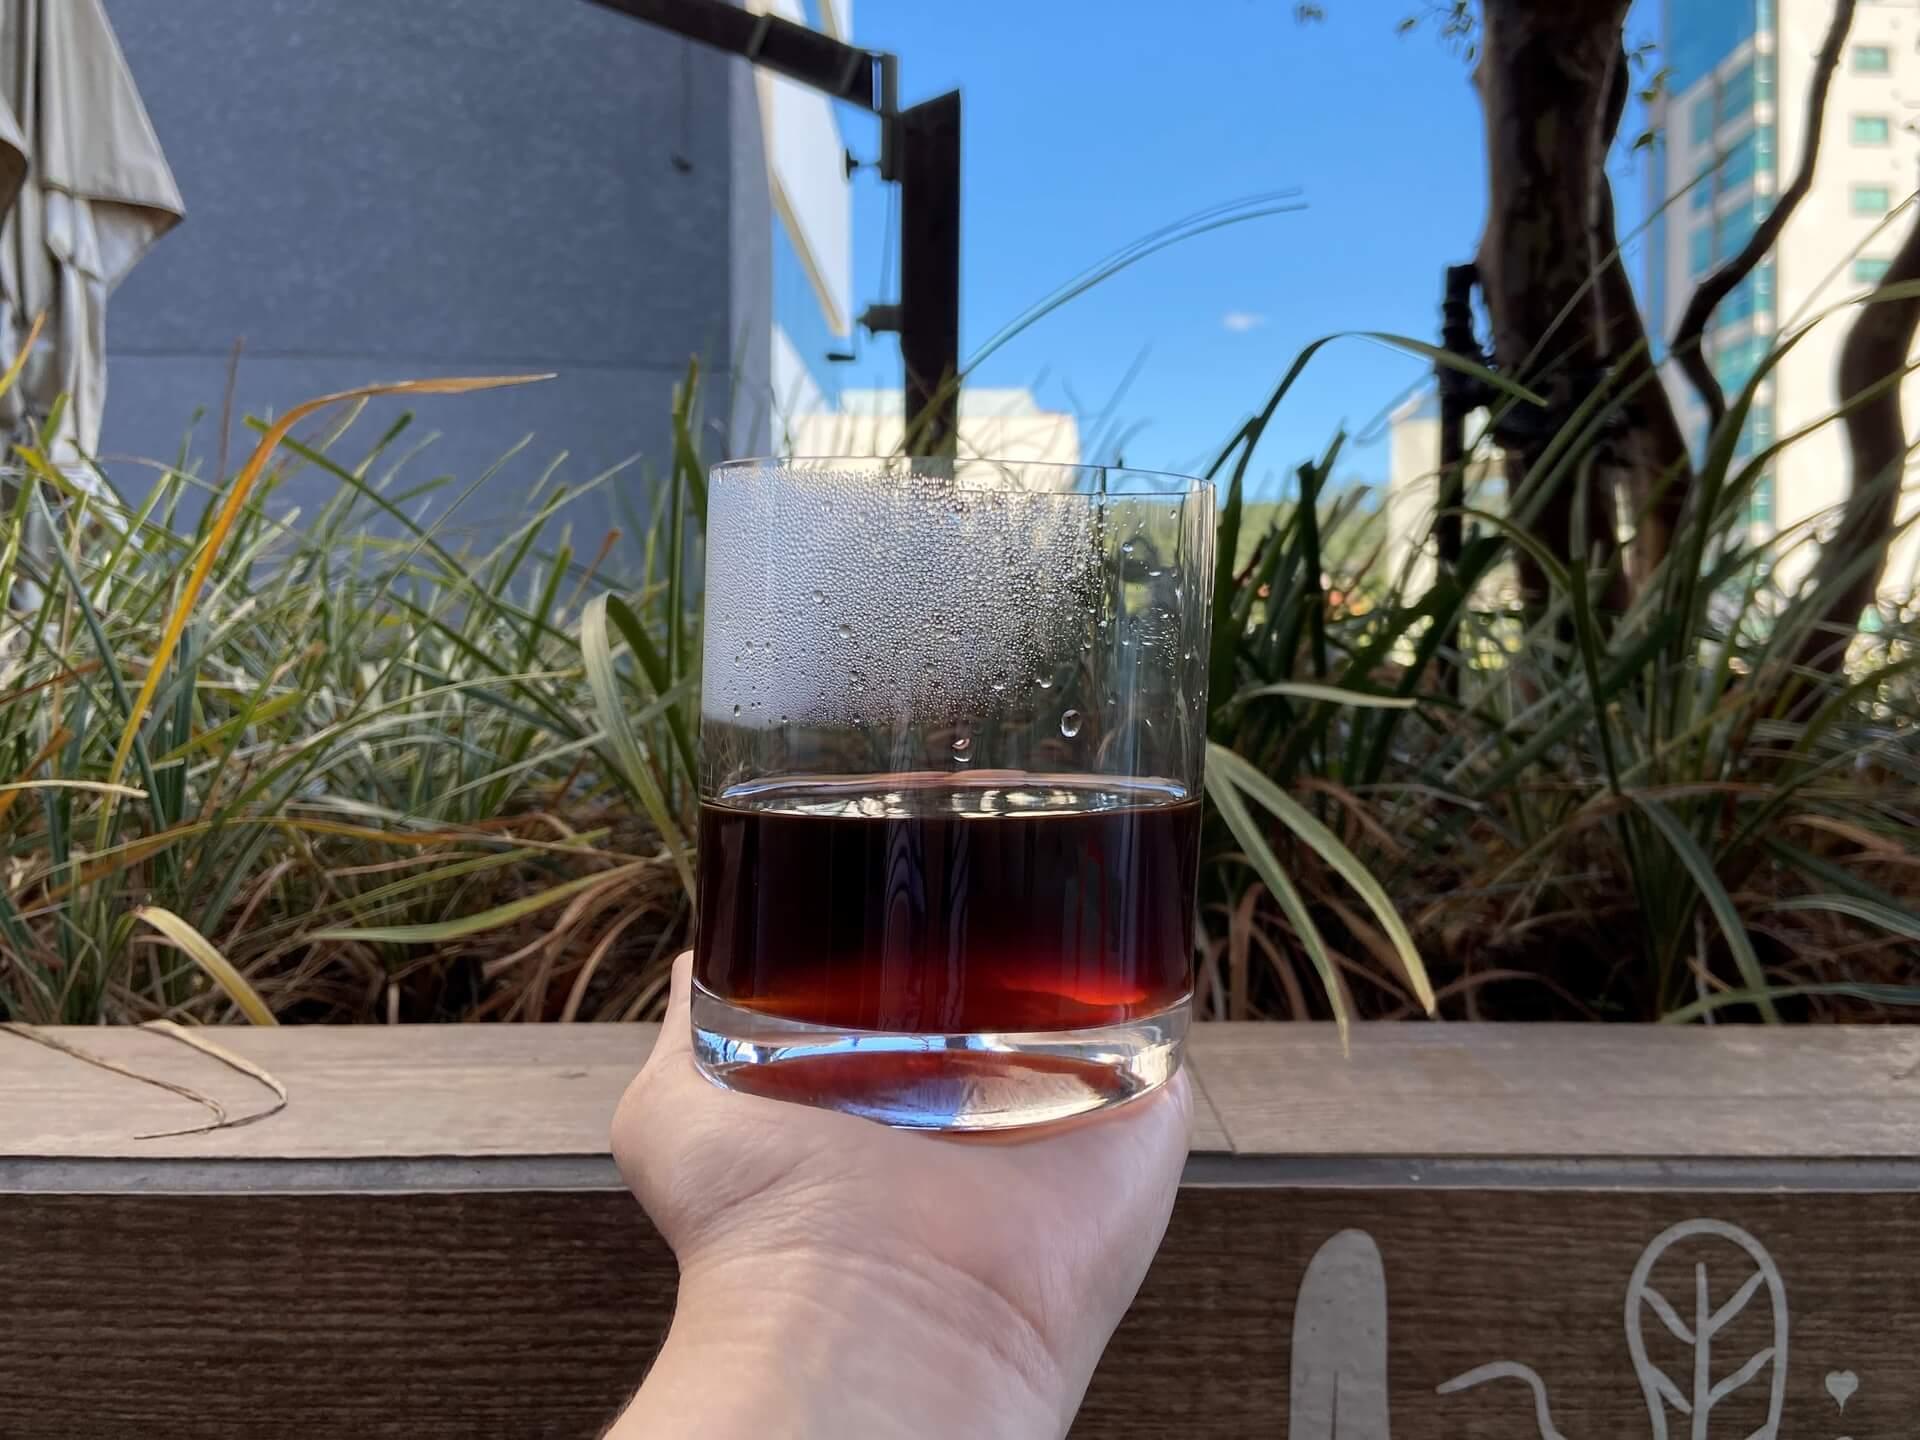 A coloração do café especial depois de coado também é diferente. Os cafés tradicionais são quase pretos, enquanto os cafés especiais são avermelhados quando a torra é clara e amarronzados quando a torra é média ou escura. Foto: Arquiteca Projetos Afetivos.